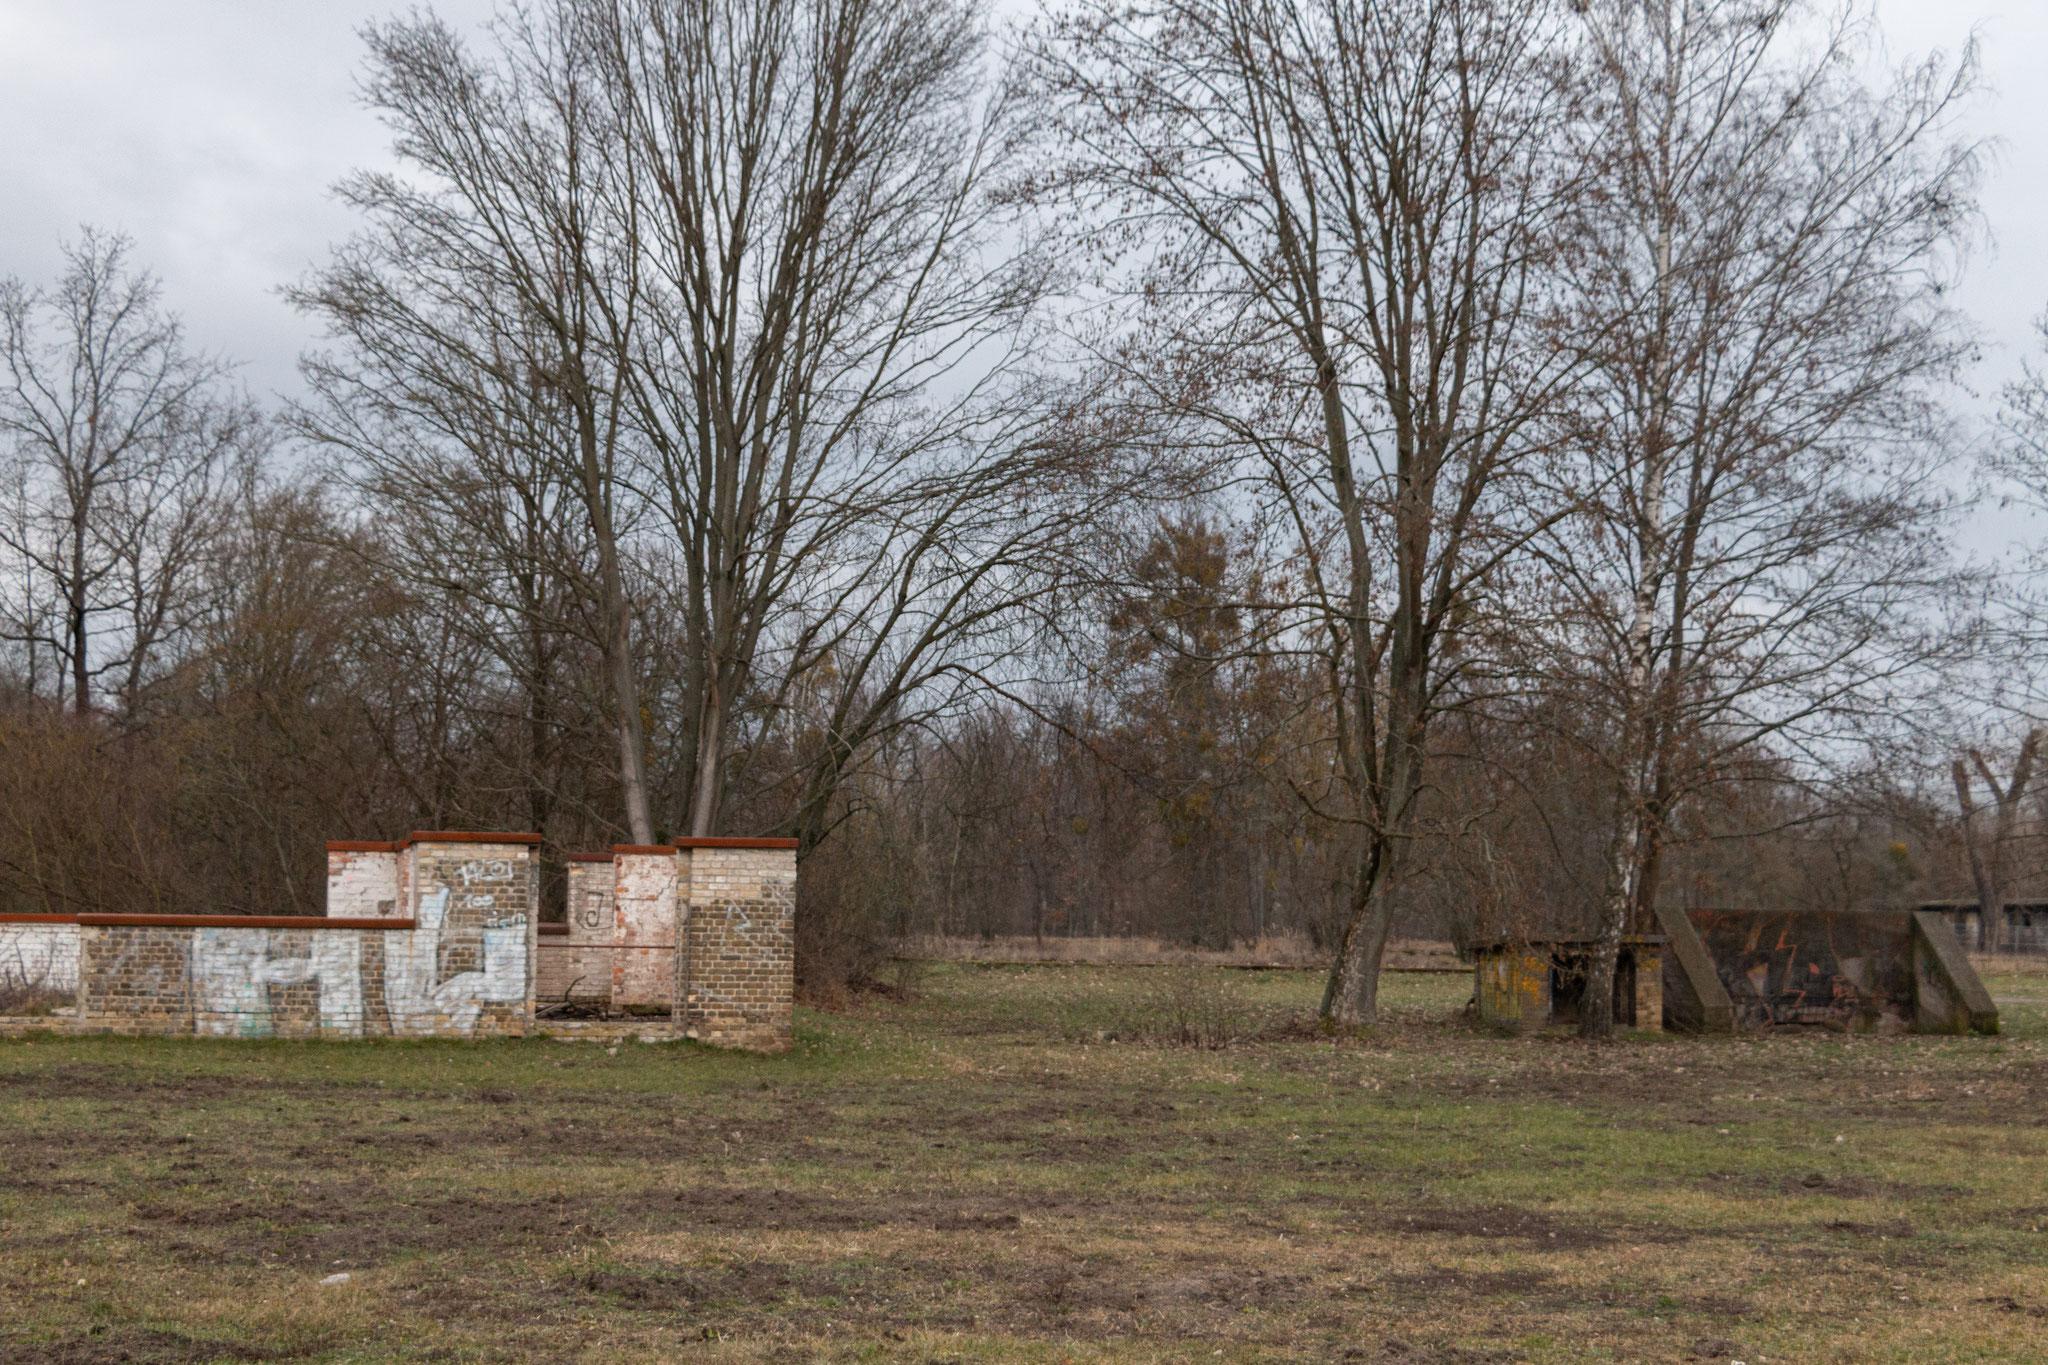 ... sodass viele der Menschen in der Zeit starben. Kranke und verletzte Menschen wurden zurück ins Stammlager Sachsenhausen gebracht und dort ermordet und verbrannt.